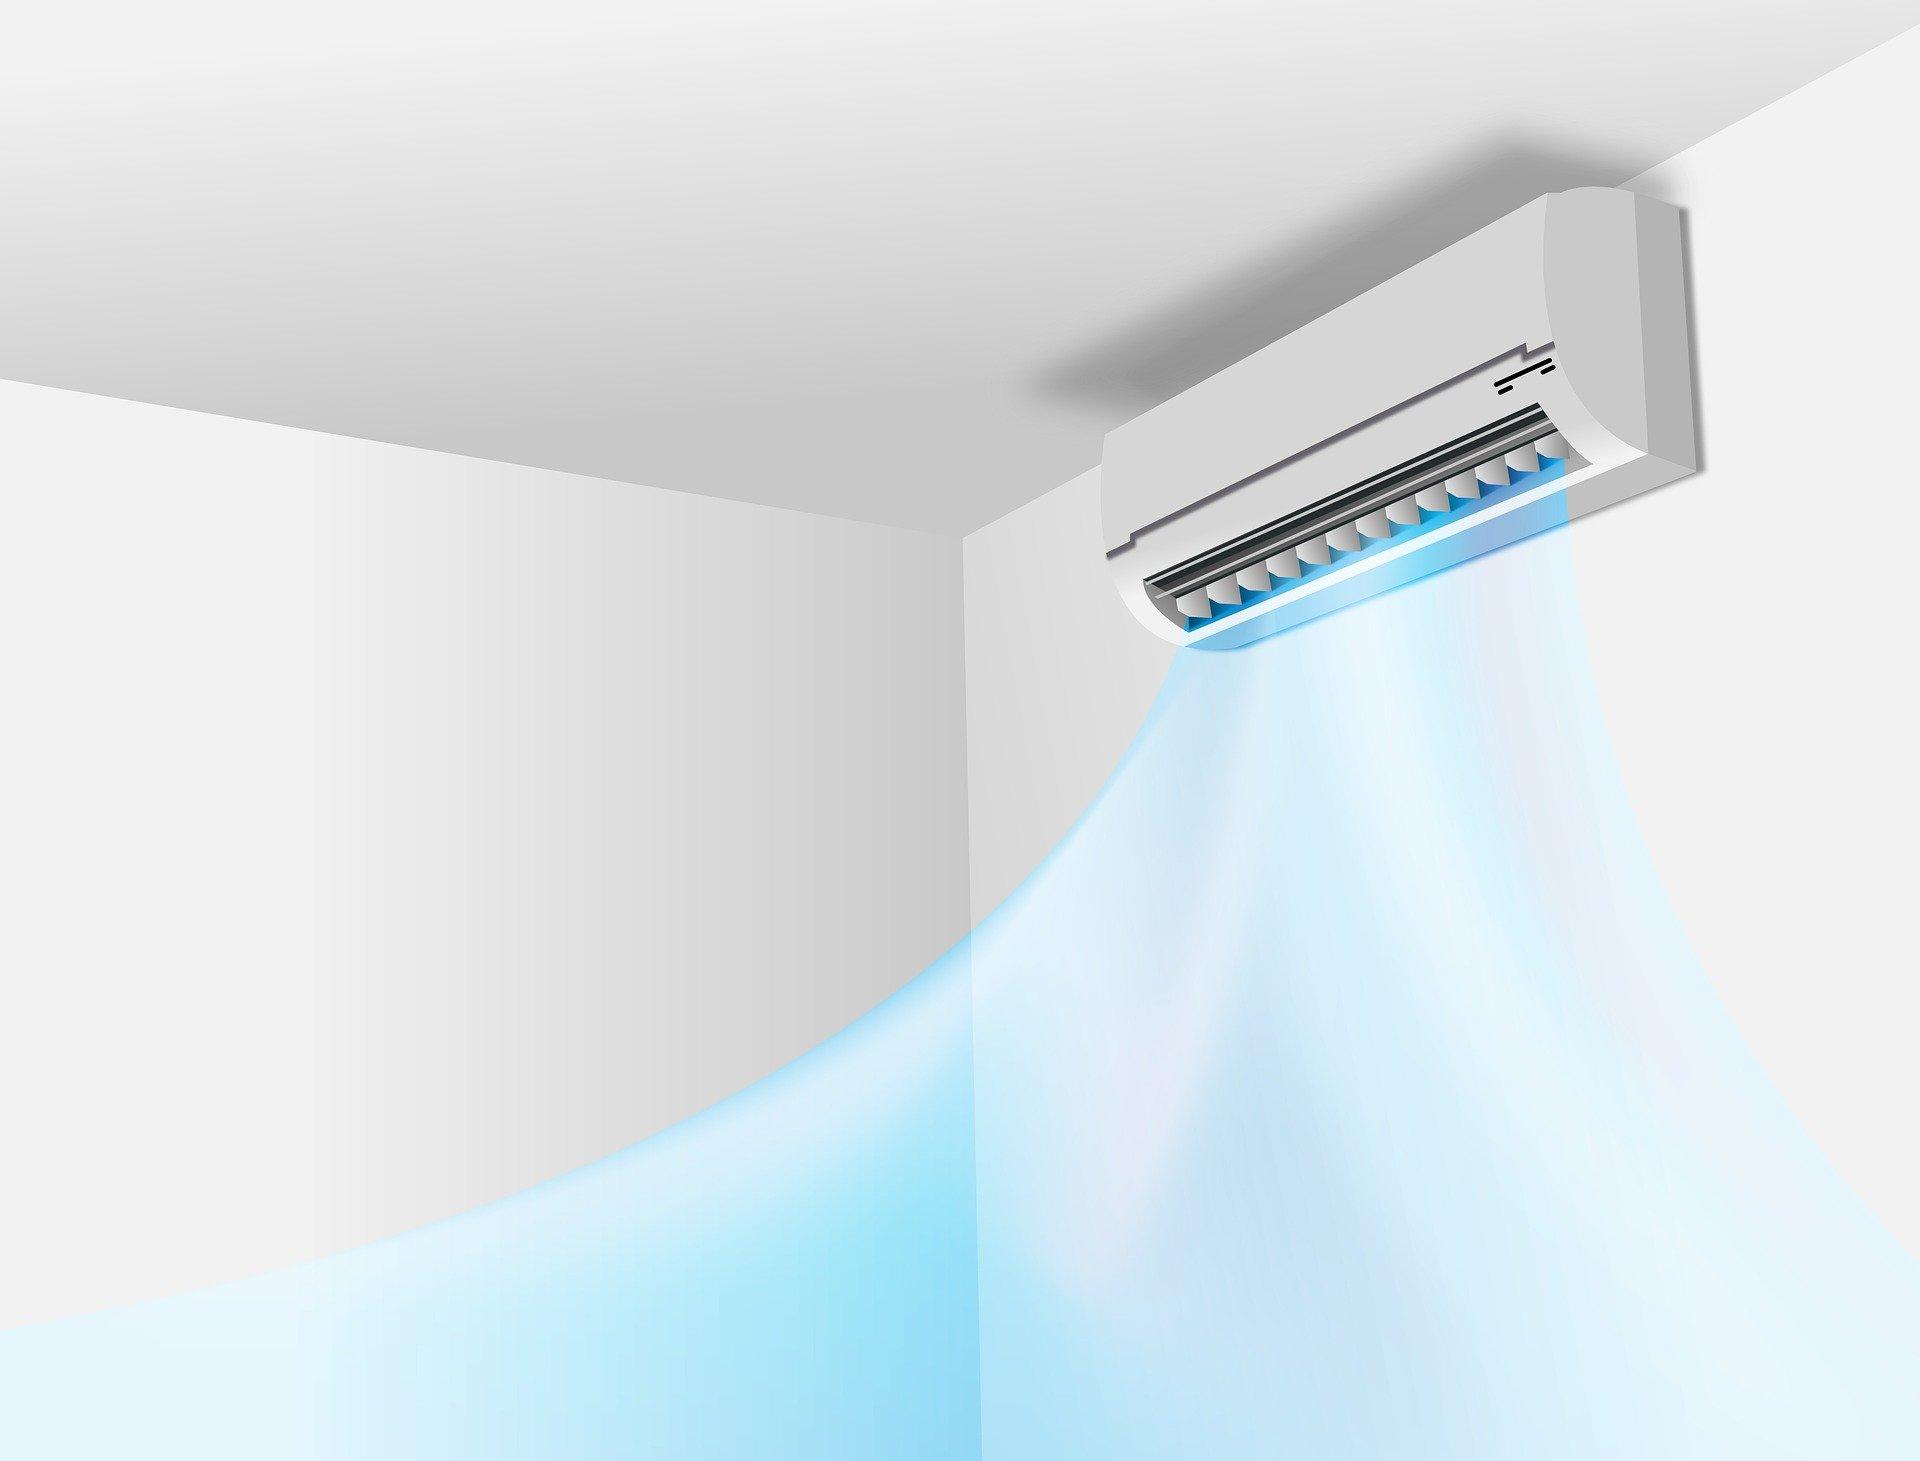 Illustrazione dello split di un condizionatore che emette aria pulita in una stanza